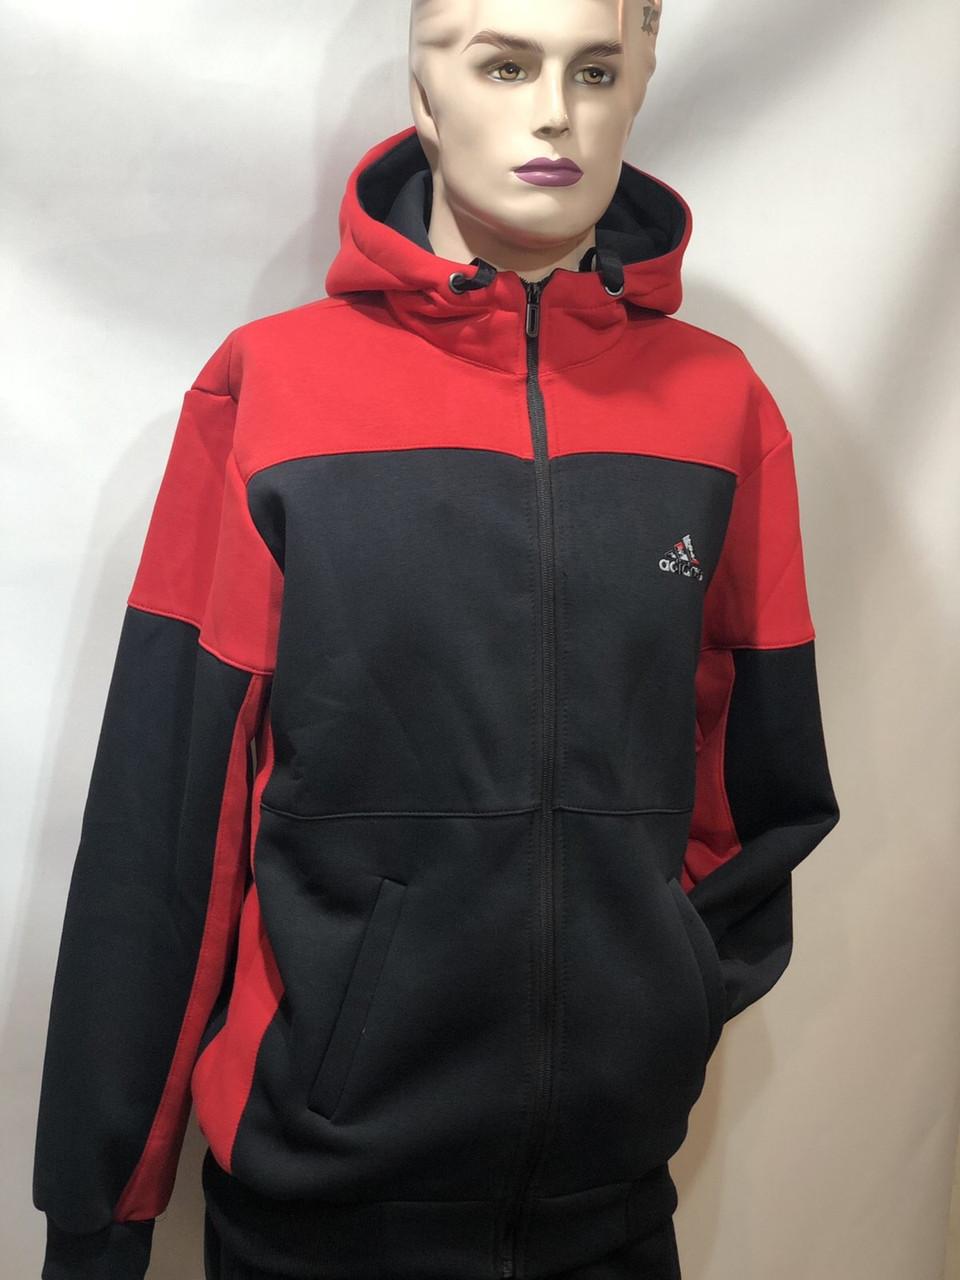 Теплый спортивный костюм на молнии мужской с капюшоном Турция Черный